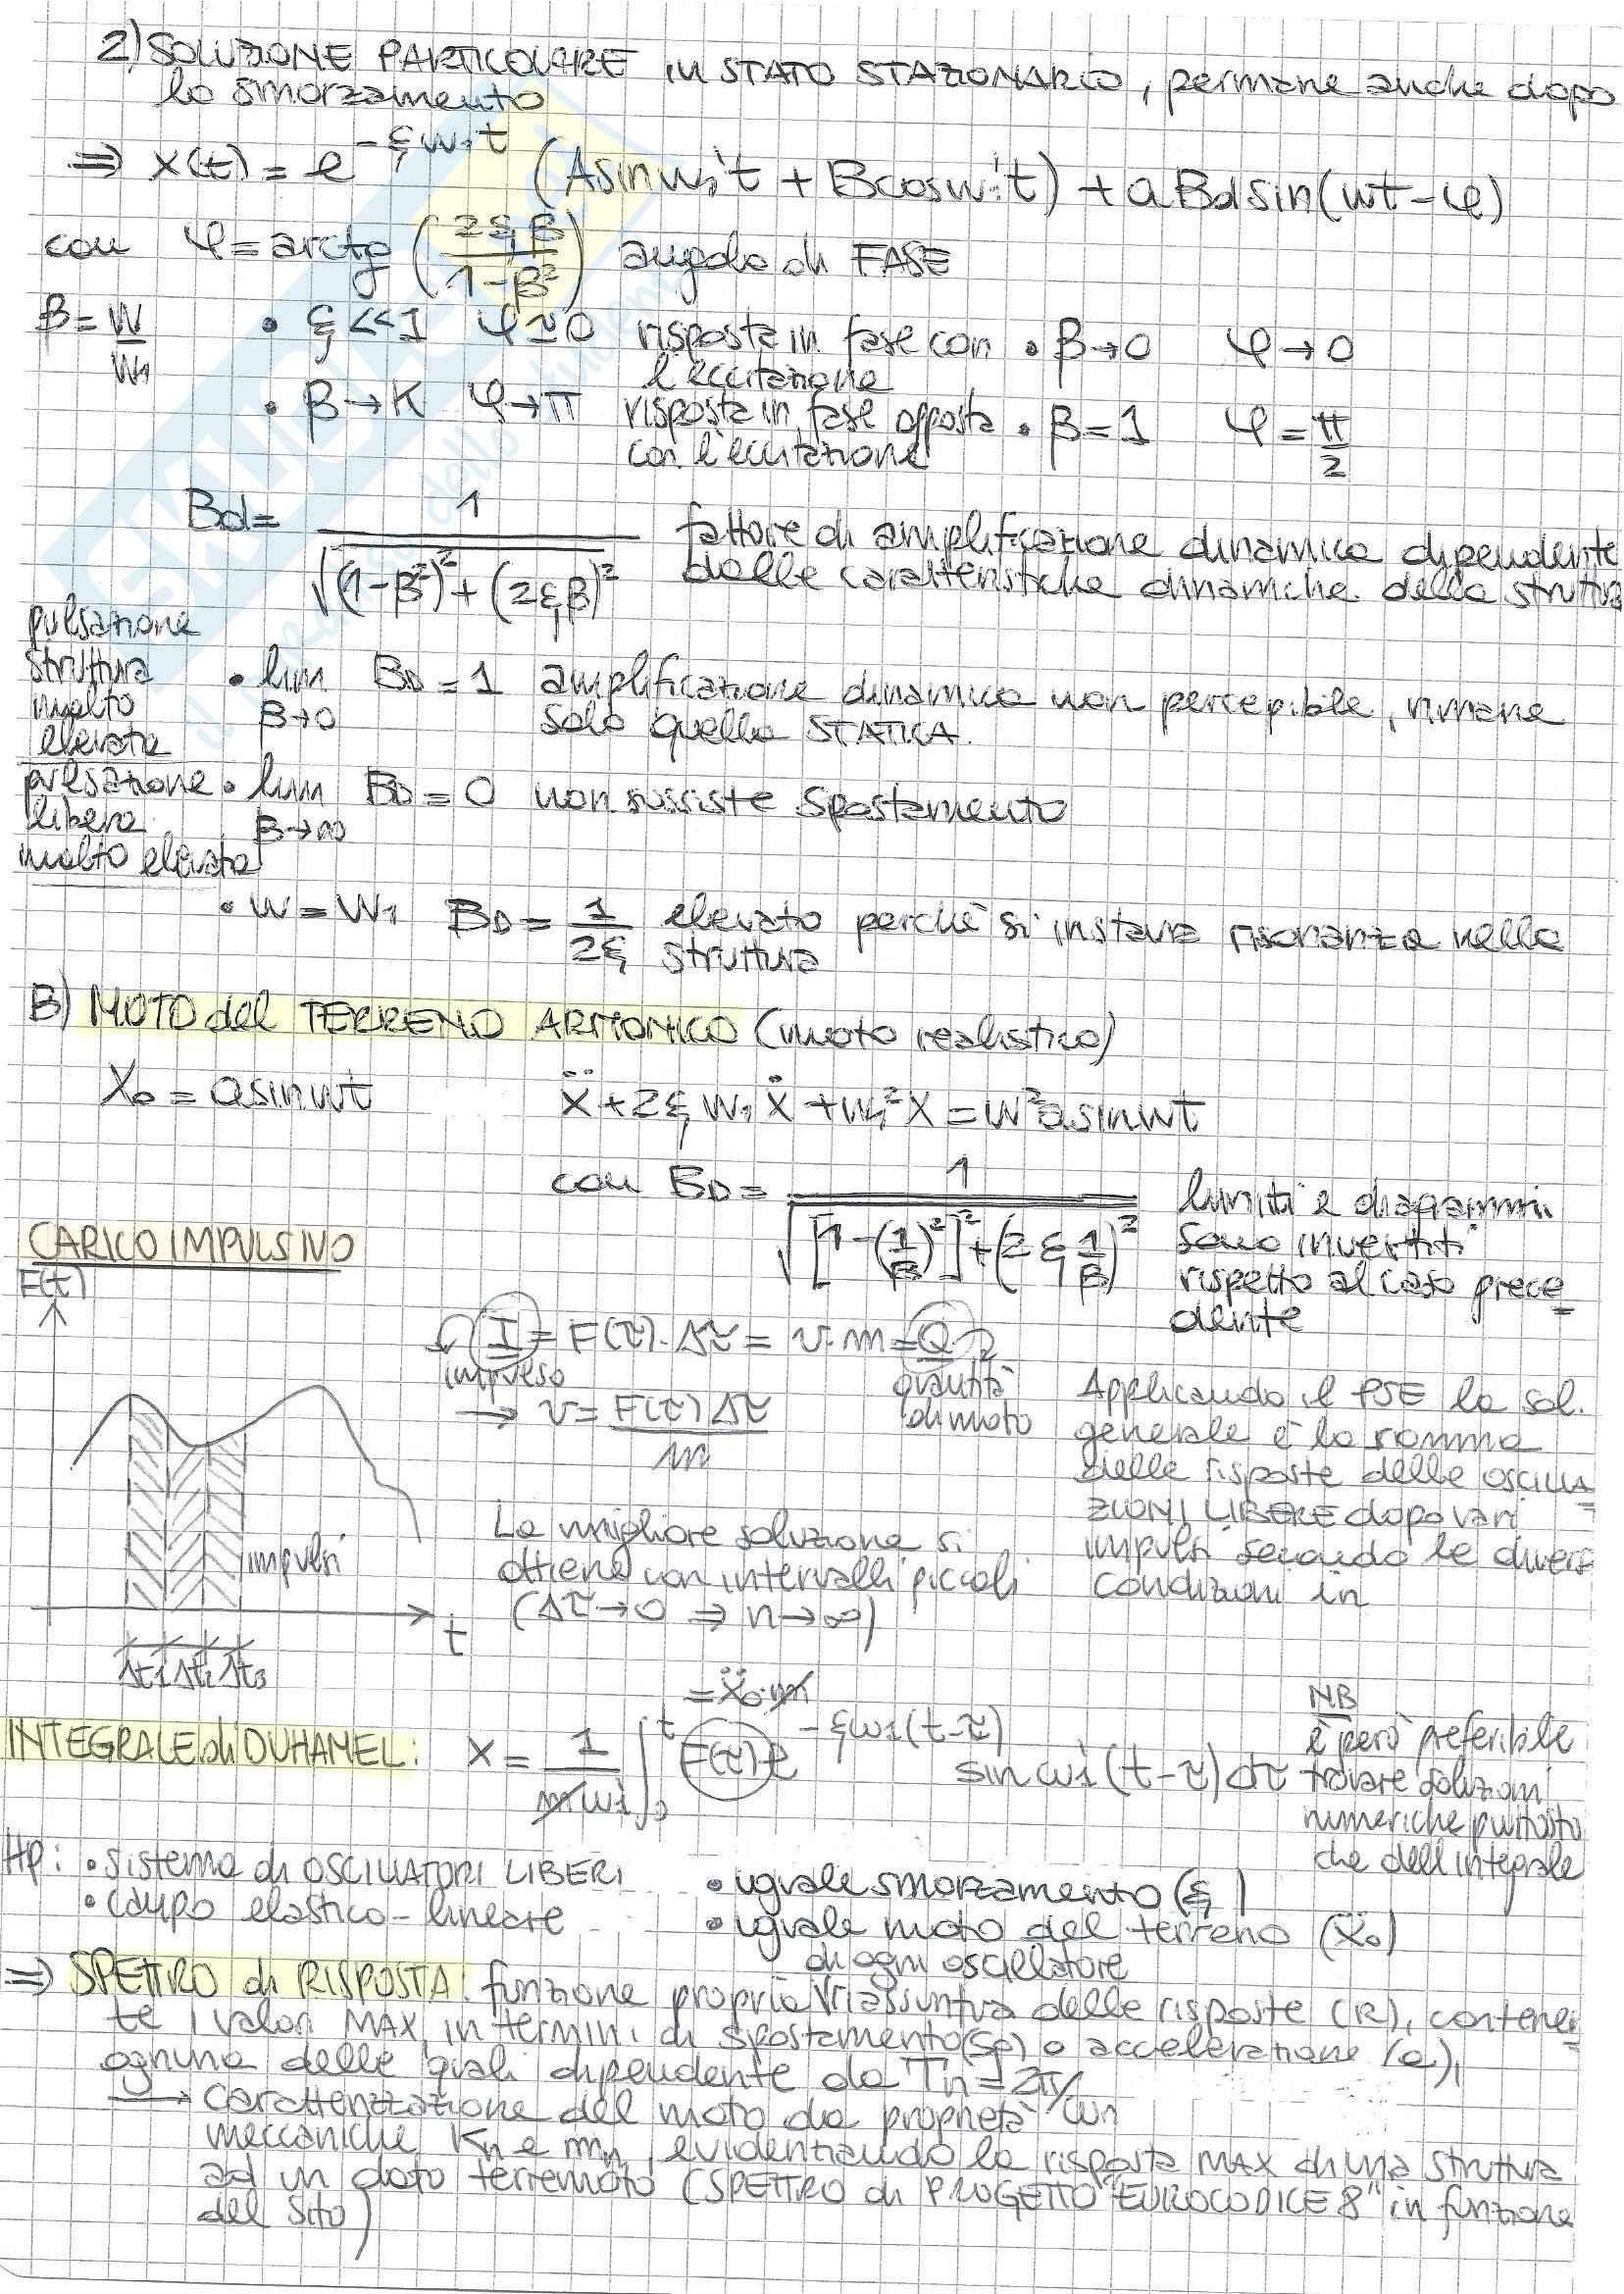 Costruzioni In Zona Sismica - Teoria Pag. 6